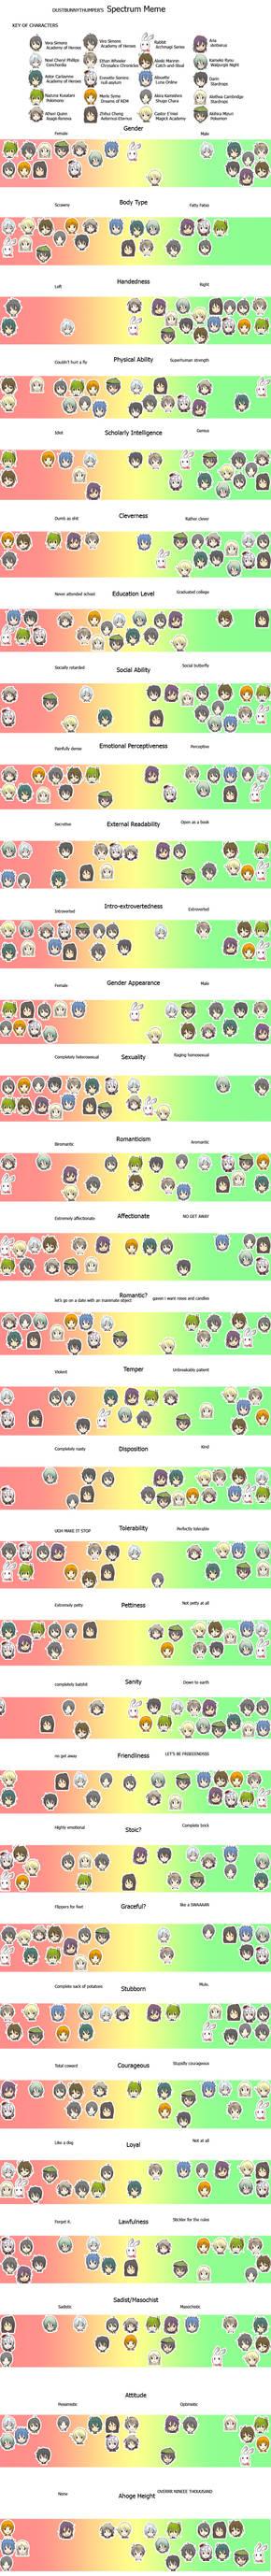 Spectrum Meme